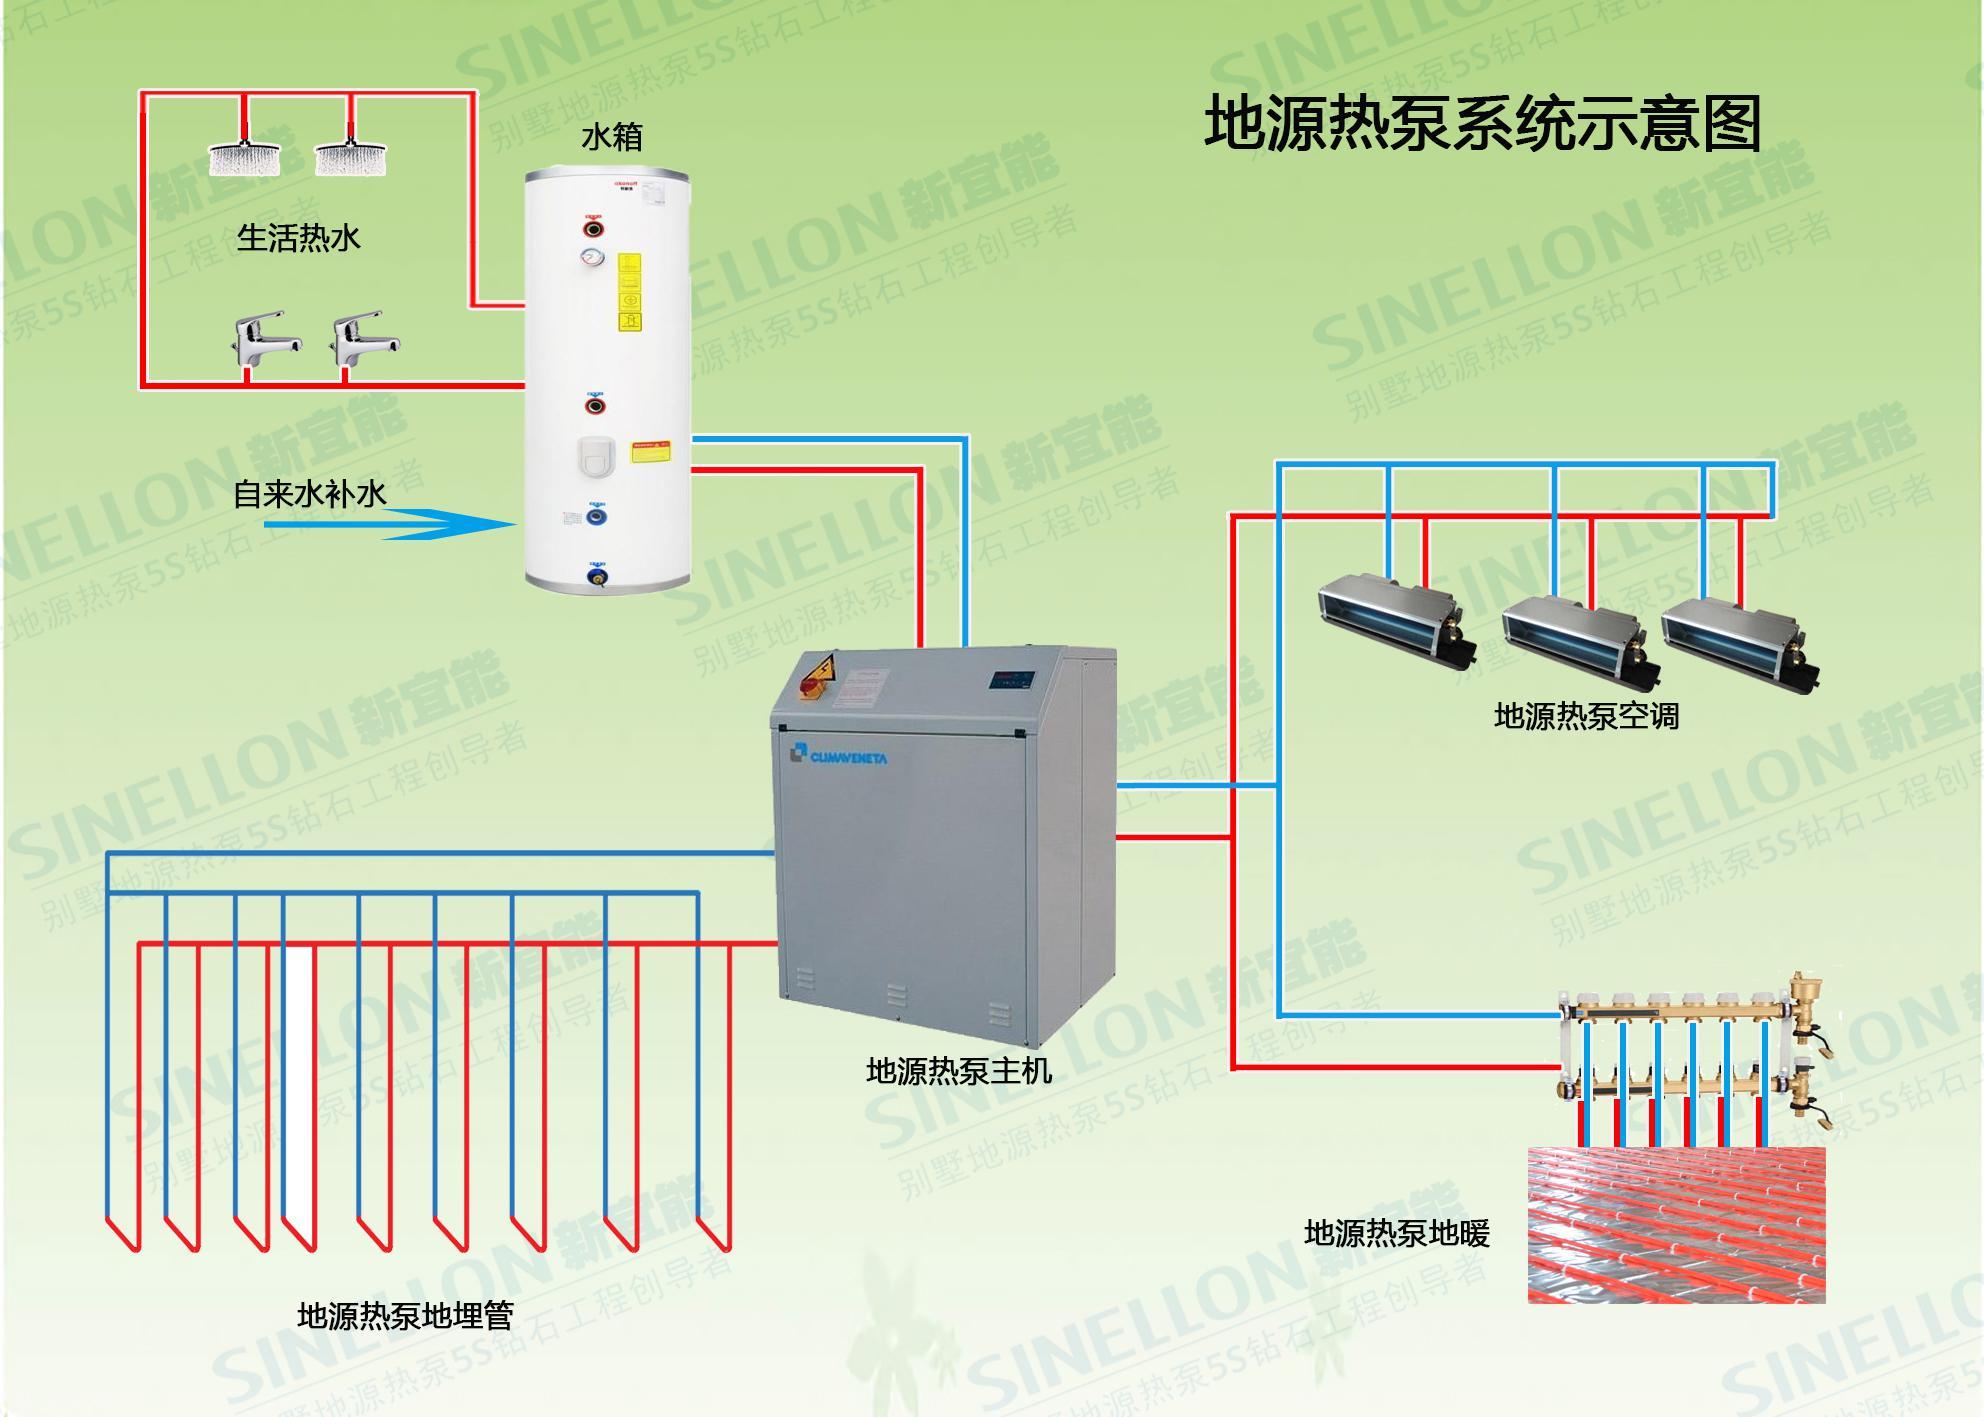 """地源热泵因为节能而受到用户的青睐。常常有用户问:""""大家都说地源热泵系统更节能,可是其期初投入也较大,那么需要用多久可以收回期初投入的成本?""""。关于这个问题,新宜能别墅地源热泵专家作如下分析: 地源热泵系统目前最常用、最稳定的一种是一机两用,一个系统提供了中央空调和地暖,两位一体的节能系统。通过地表层恒温的特点,实现低位能量向高位能量的转移,不受空气环境的影响,而普通空调除了受制自然条件外,和地源热泵空调系统相比,能耗比较大,地源热泵系统节能原理如下: 夏天制冷时,普通中央空调通过压"""